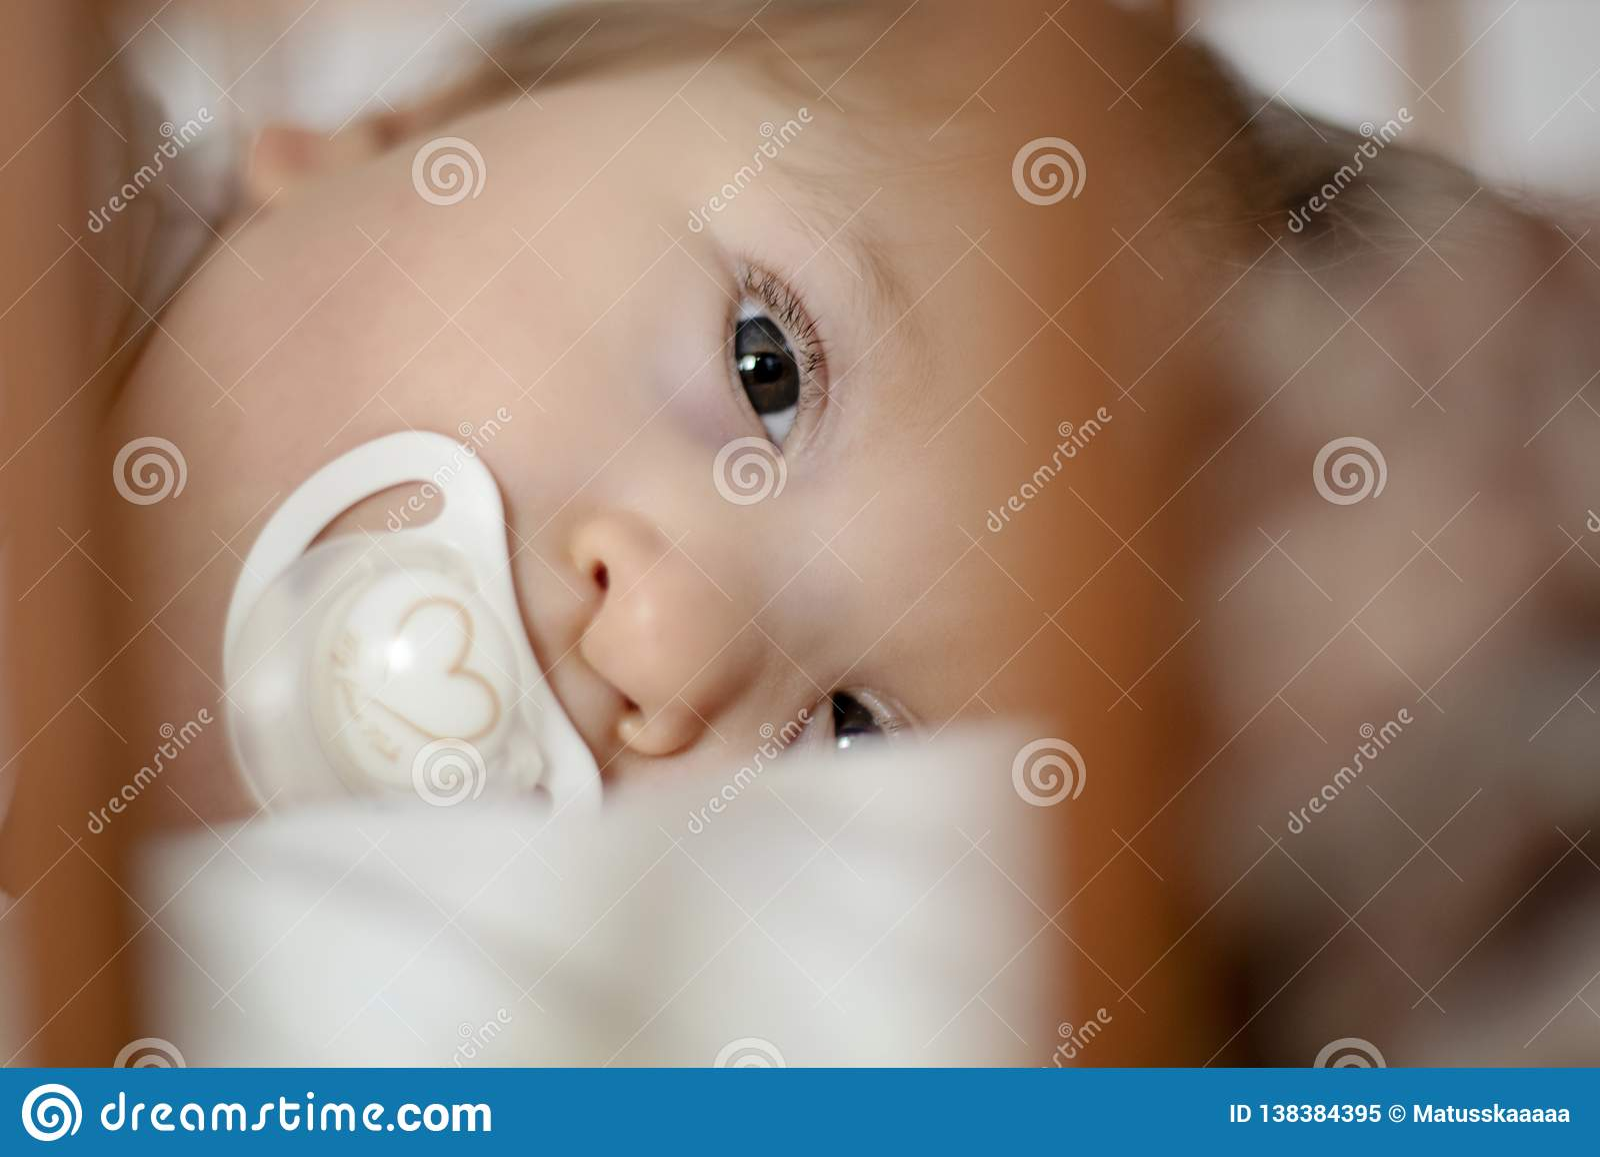 Gehandicapte één éénjarigebaby die in slaap proberen te vallen - beeld